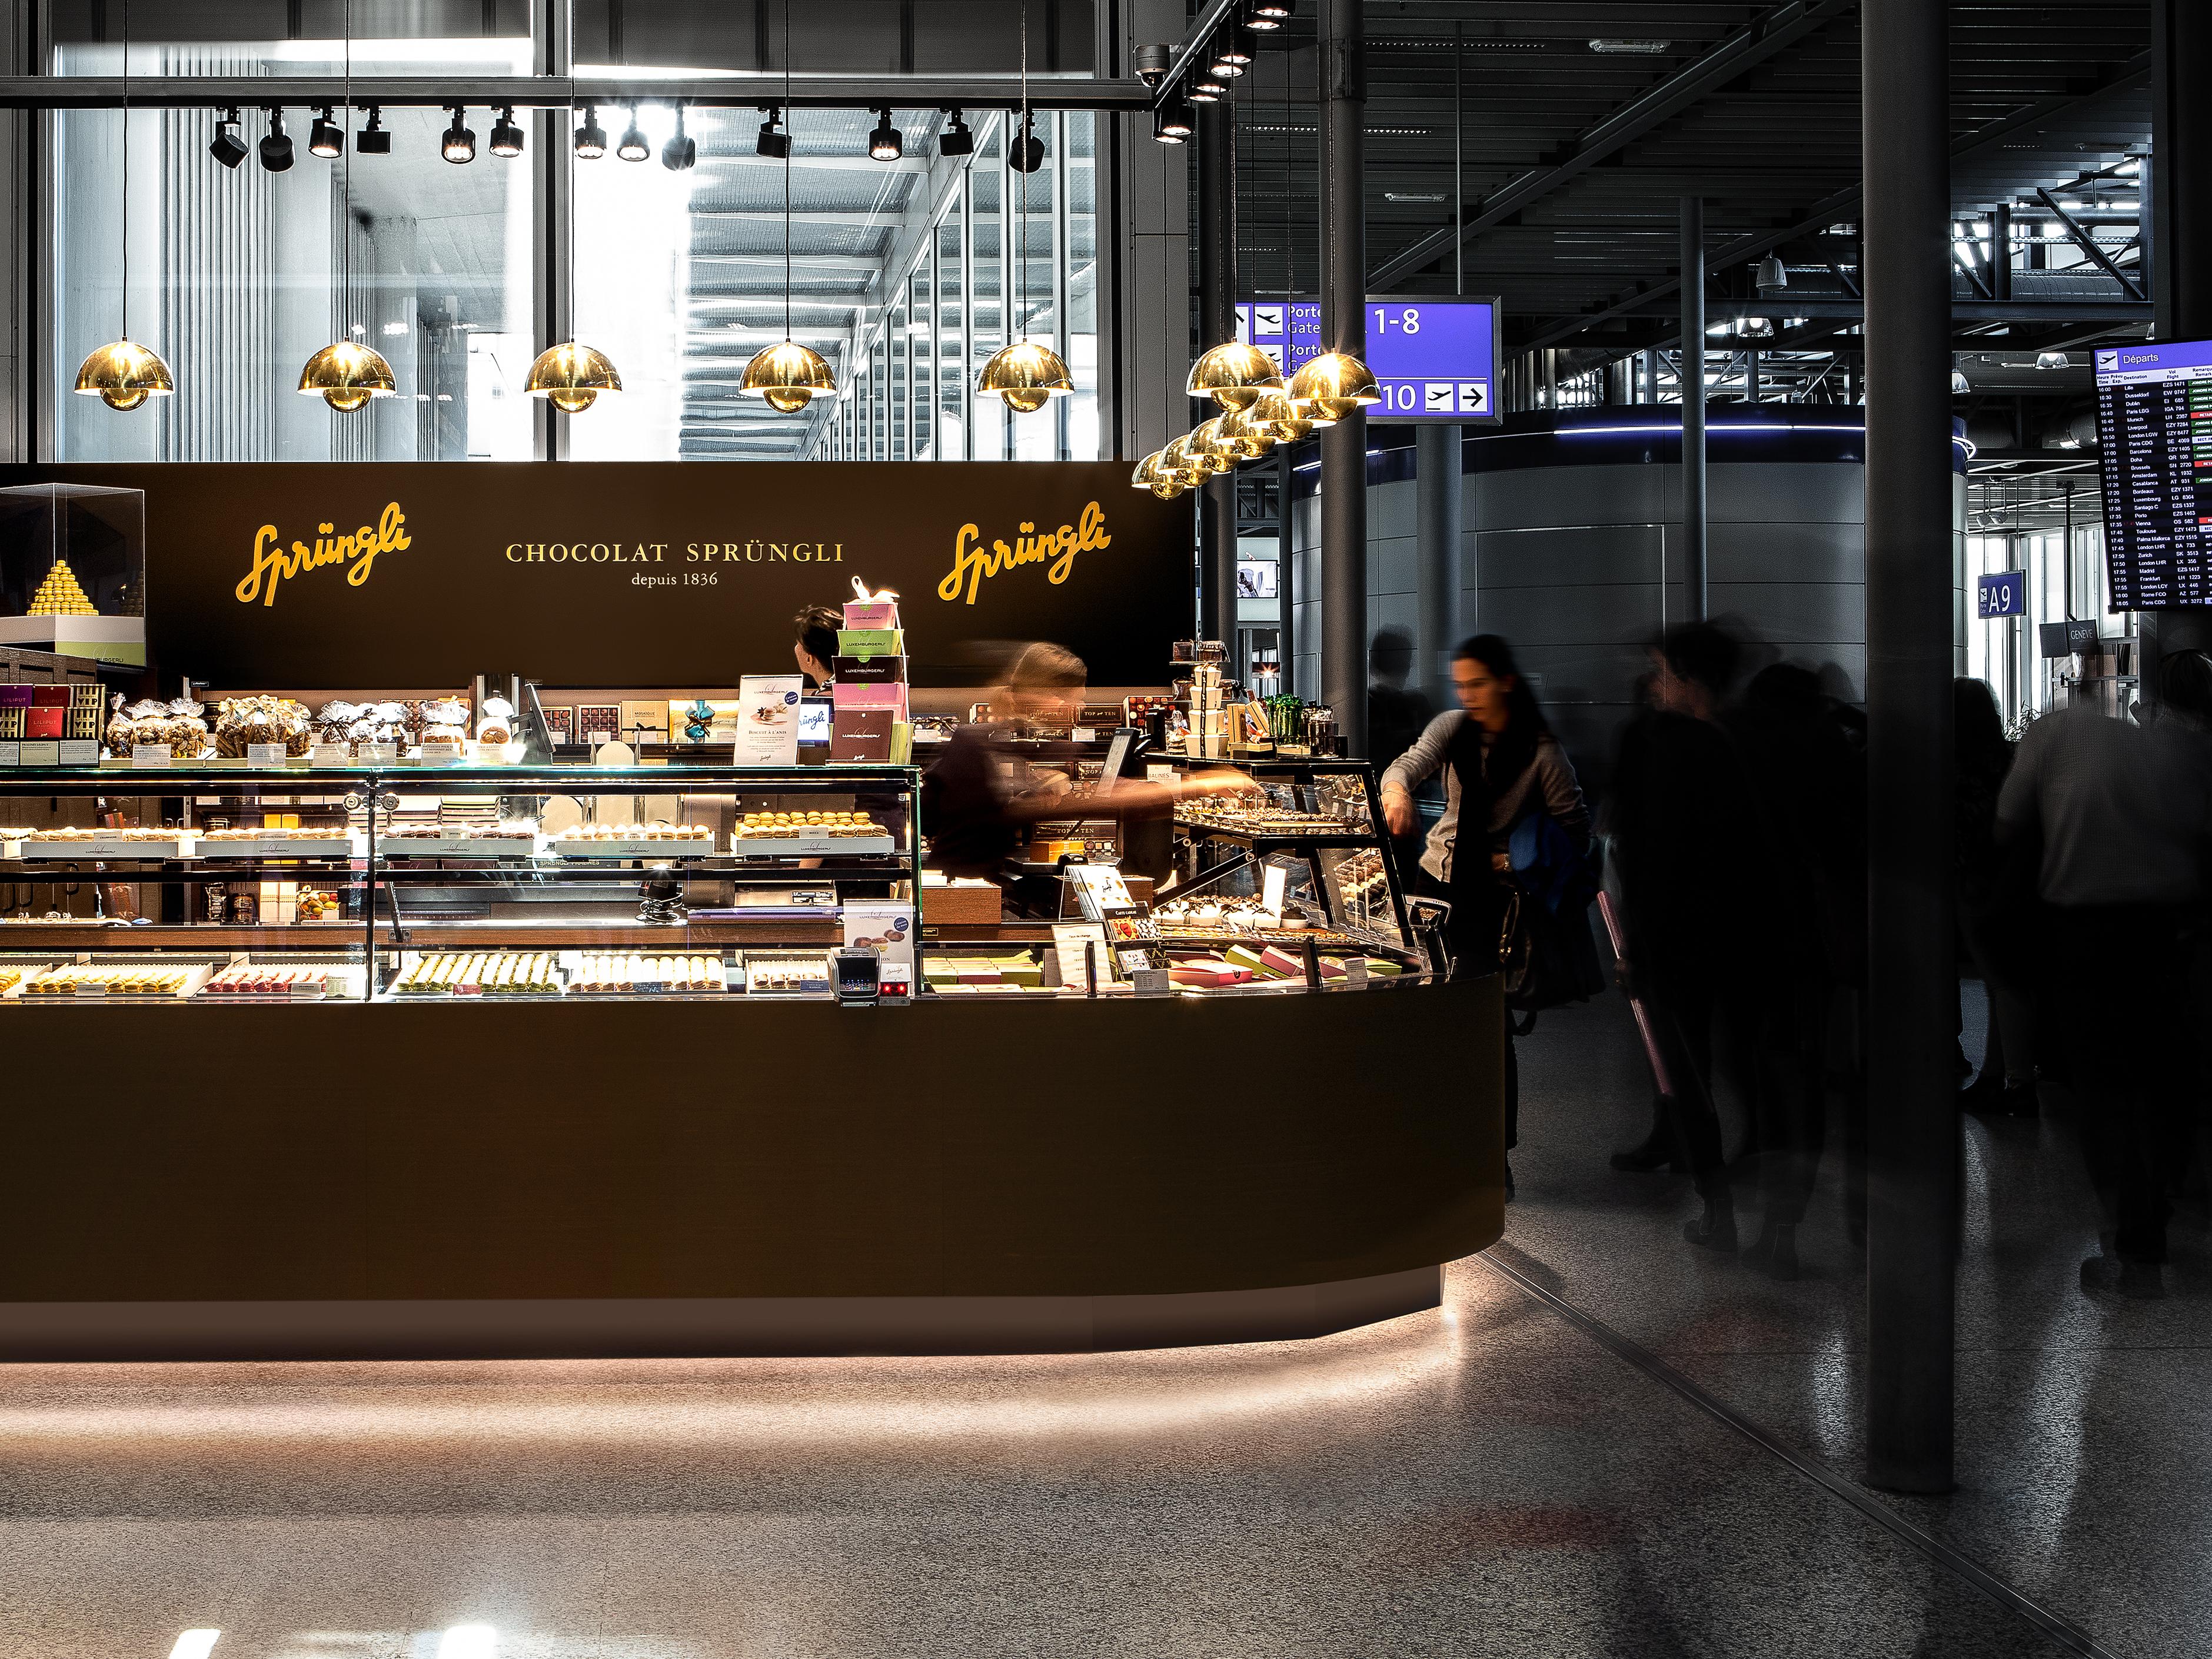 Spruengli Flughafen Genf